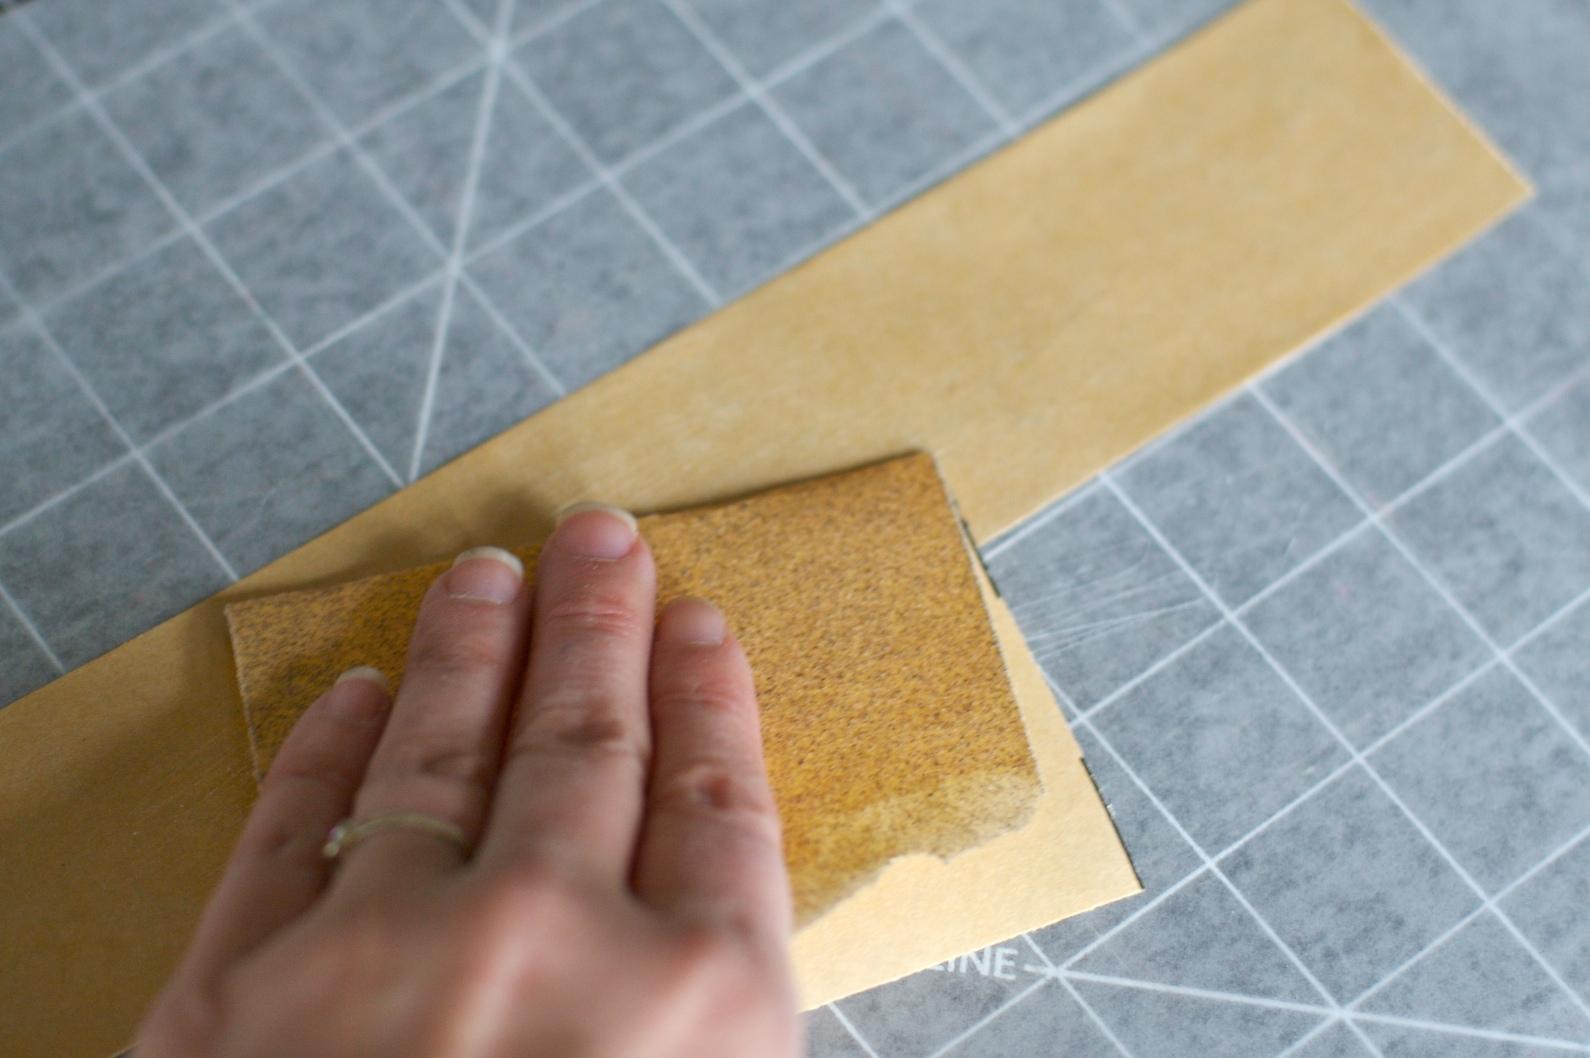 http://4.bp.blogspot.com/_e5mTyEJG8Yw/TBpdCtklJsI/AAAAAAAACWE/xOhIF6xPQtM/s1600/fabric+tape+2.jpg